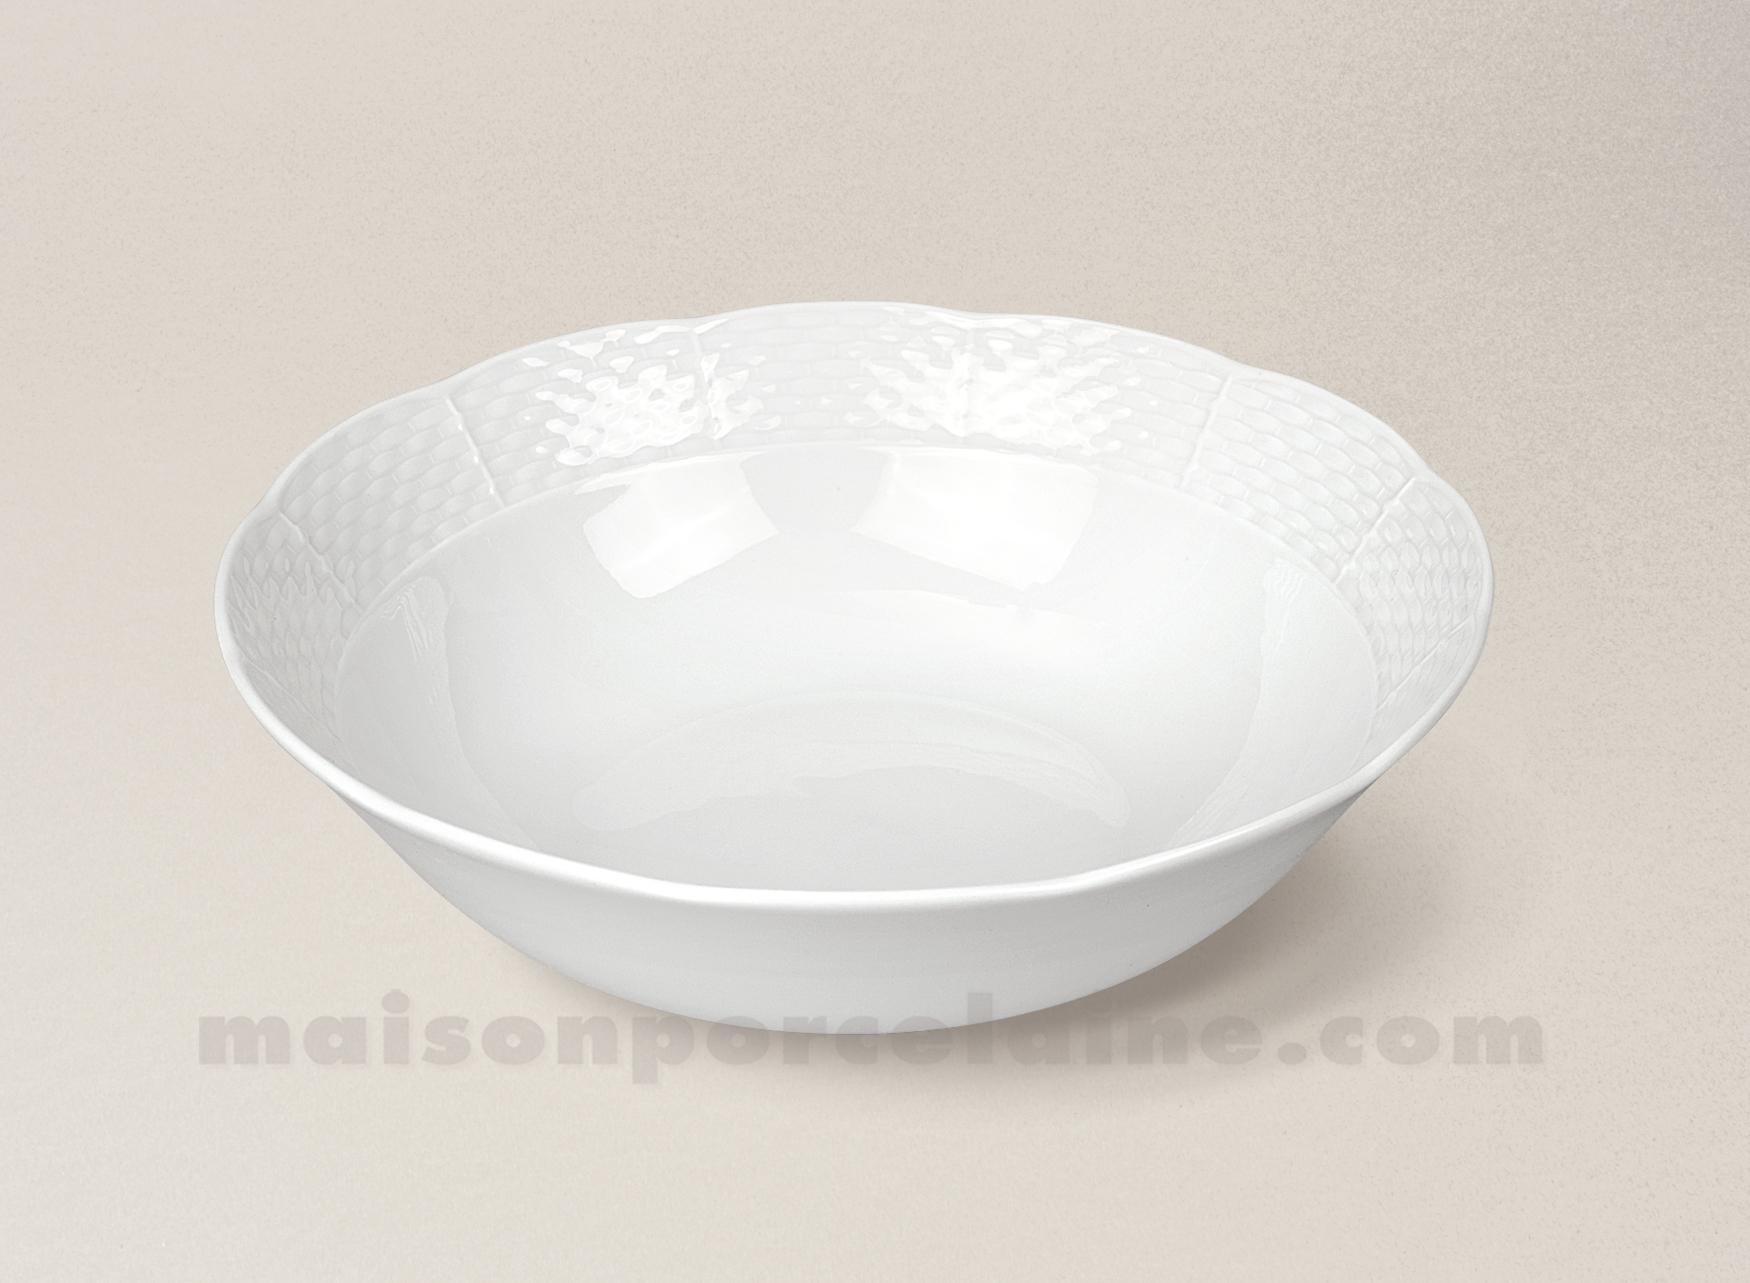 Saladier porcelaine blanche natacha pm d21 maison de la for Maison de la porcelaine